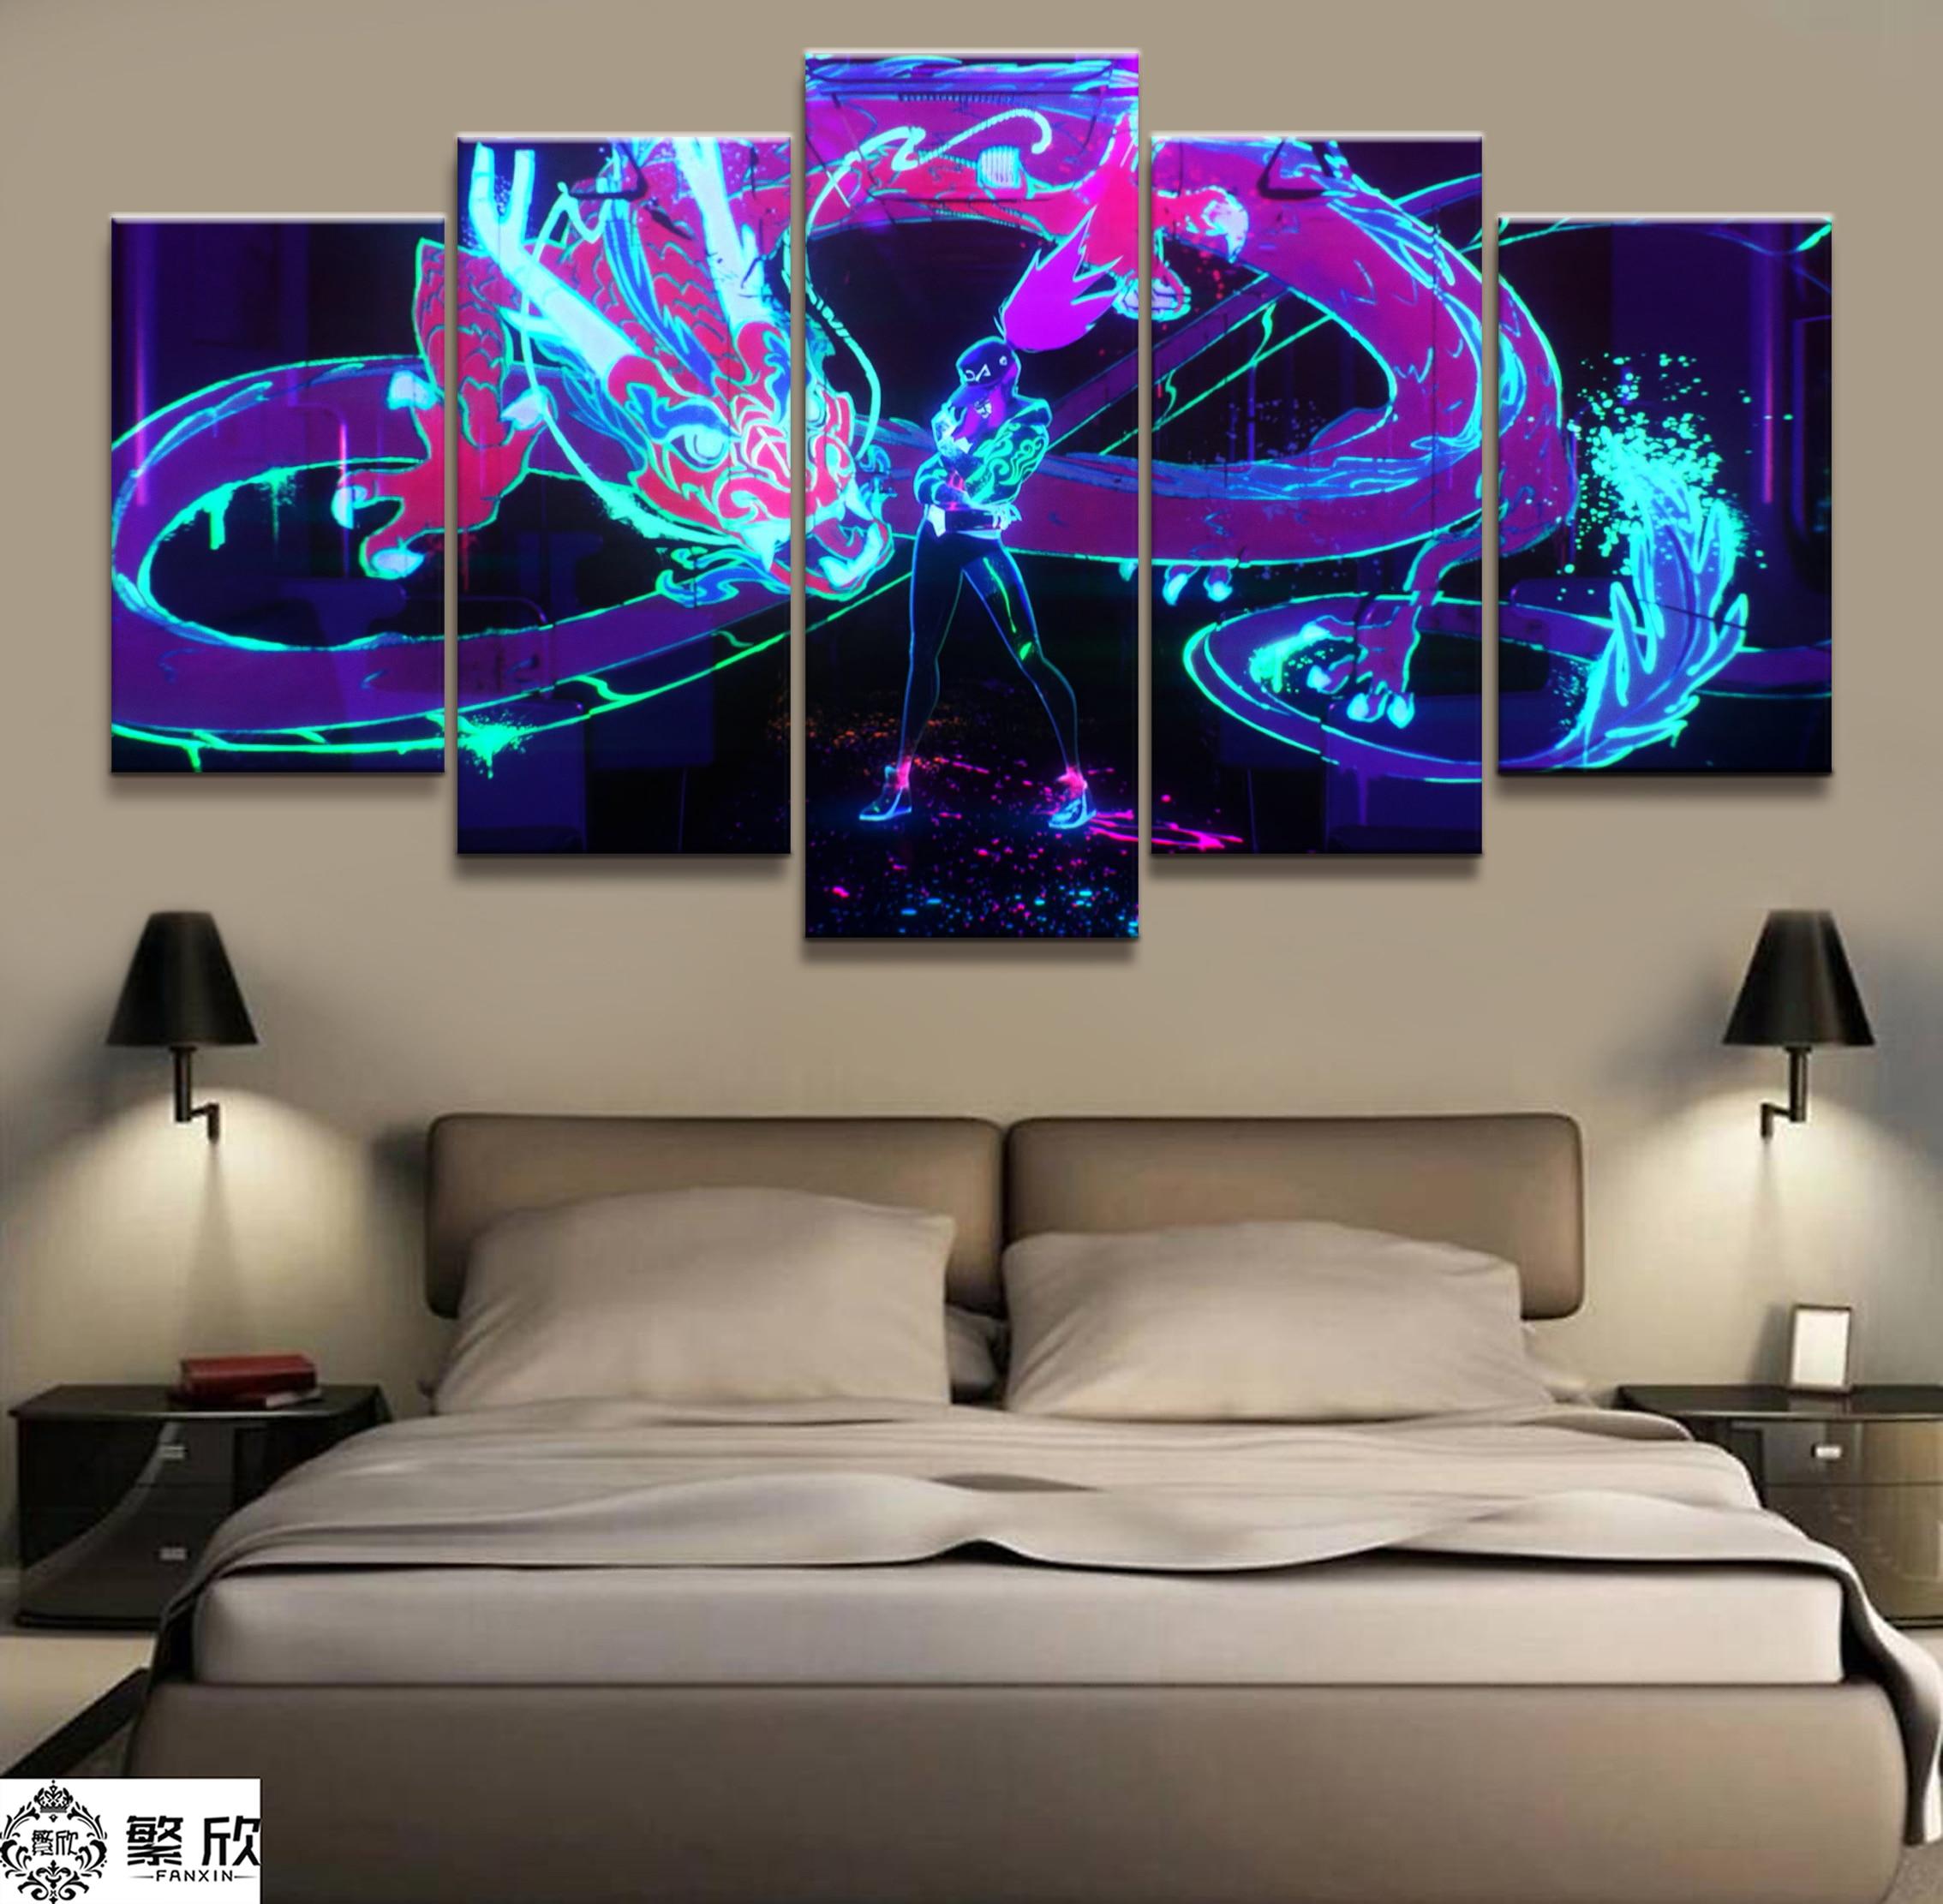 Painel 5 Akali K/LOL League of Legends Jogo DA Pintura Da Lona Impressa Para Sala Wall Art Decor obras de Arte de Imagem HD Poster